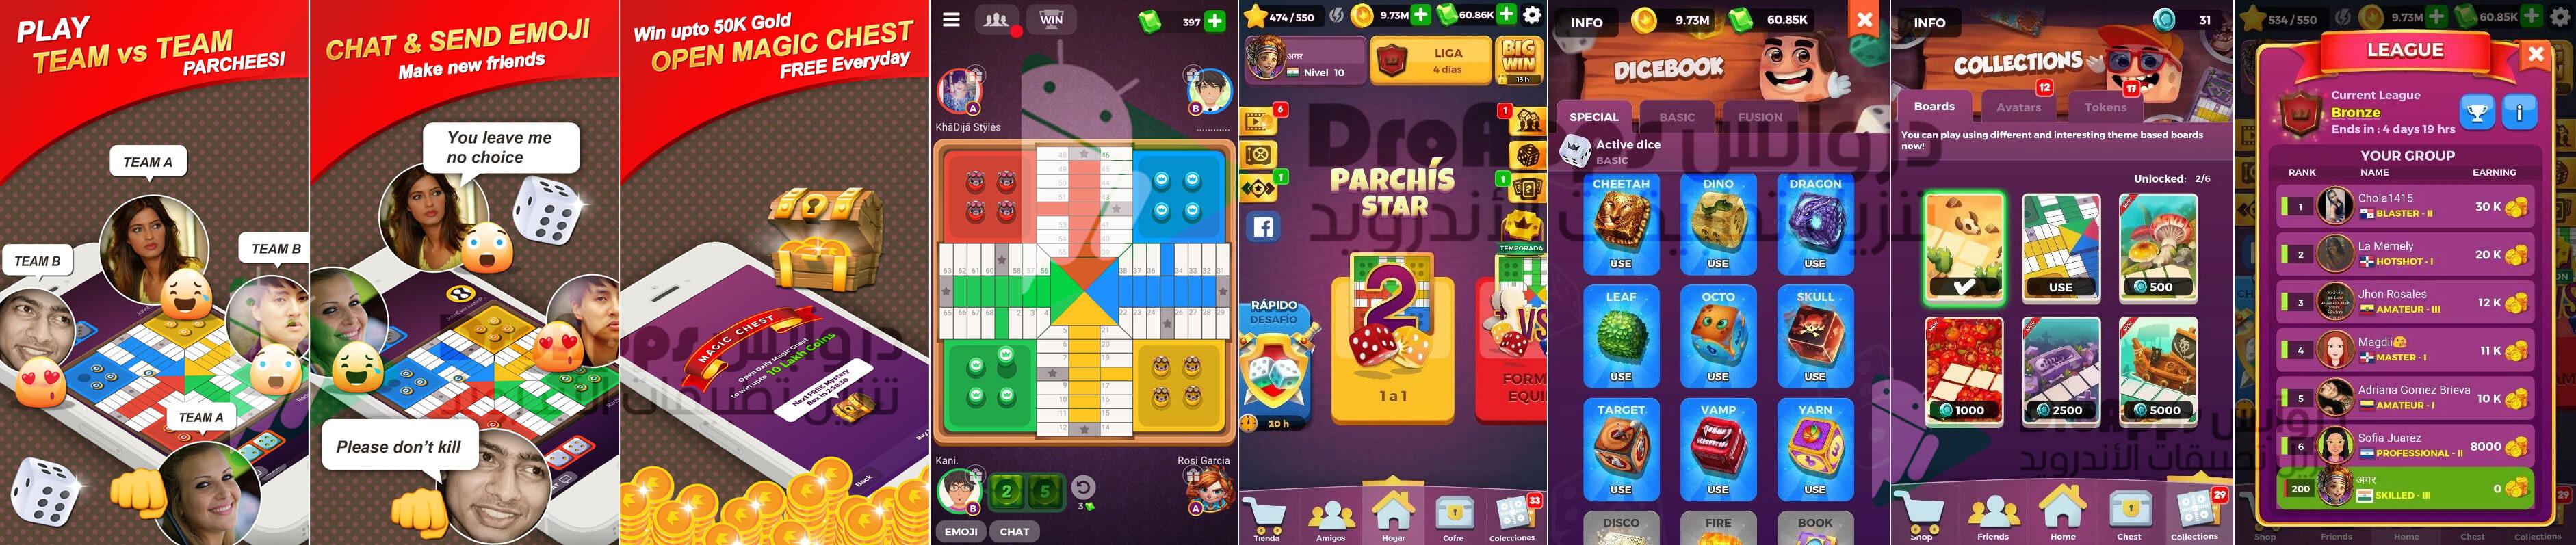 لقطات شاشة للعبة بارشيسي ستار  Star Parchisi للموبايل